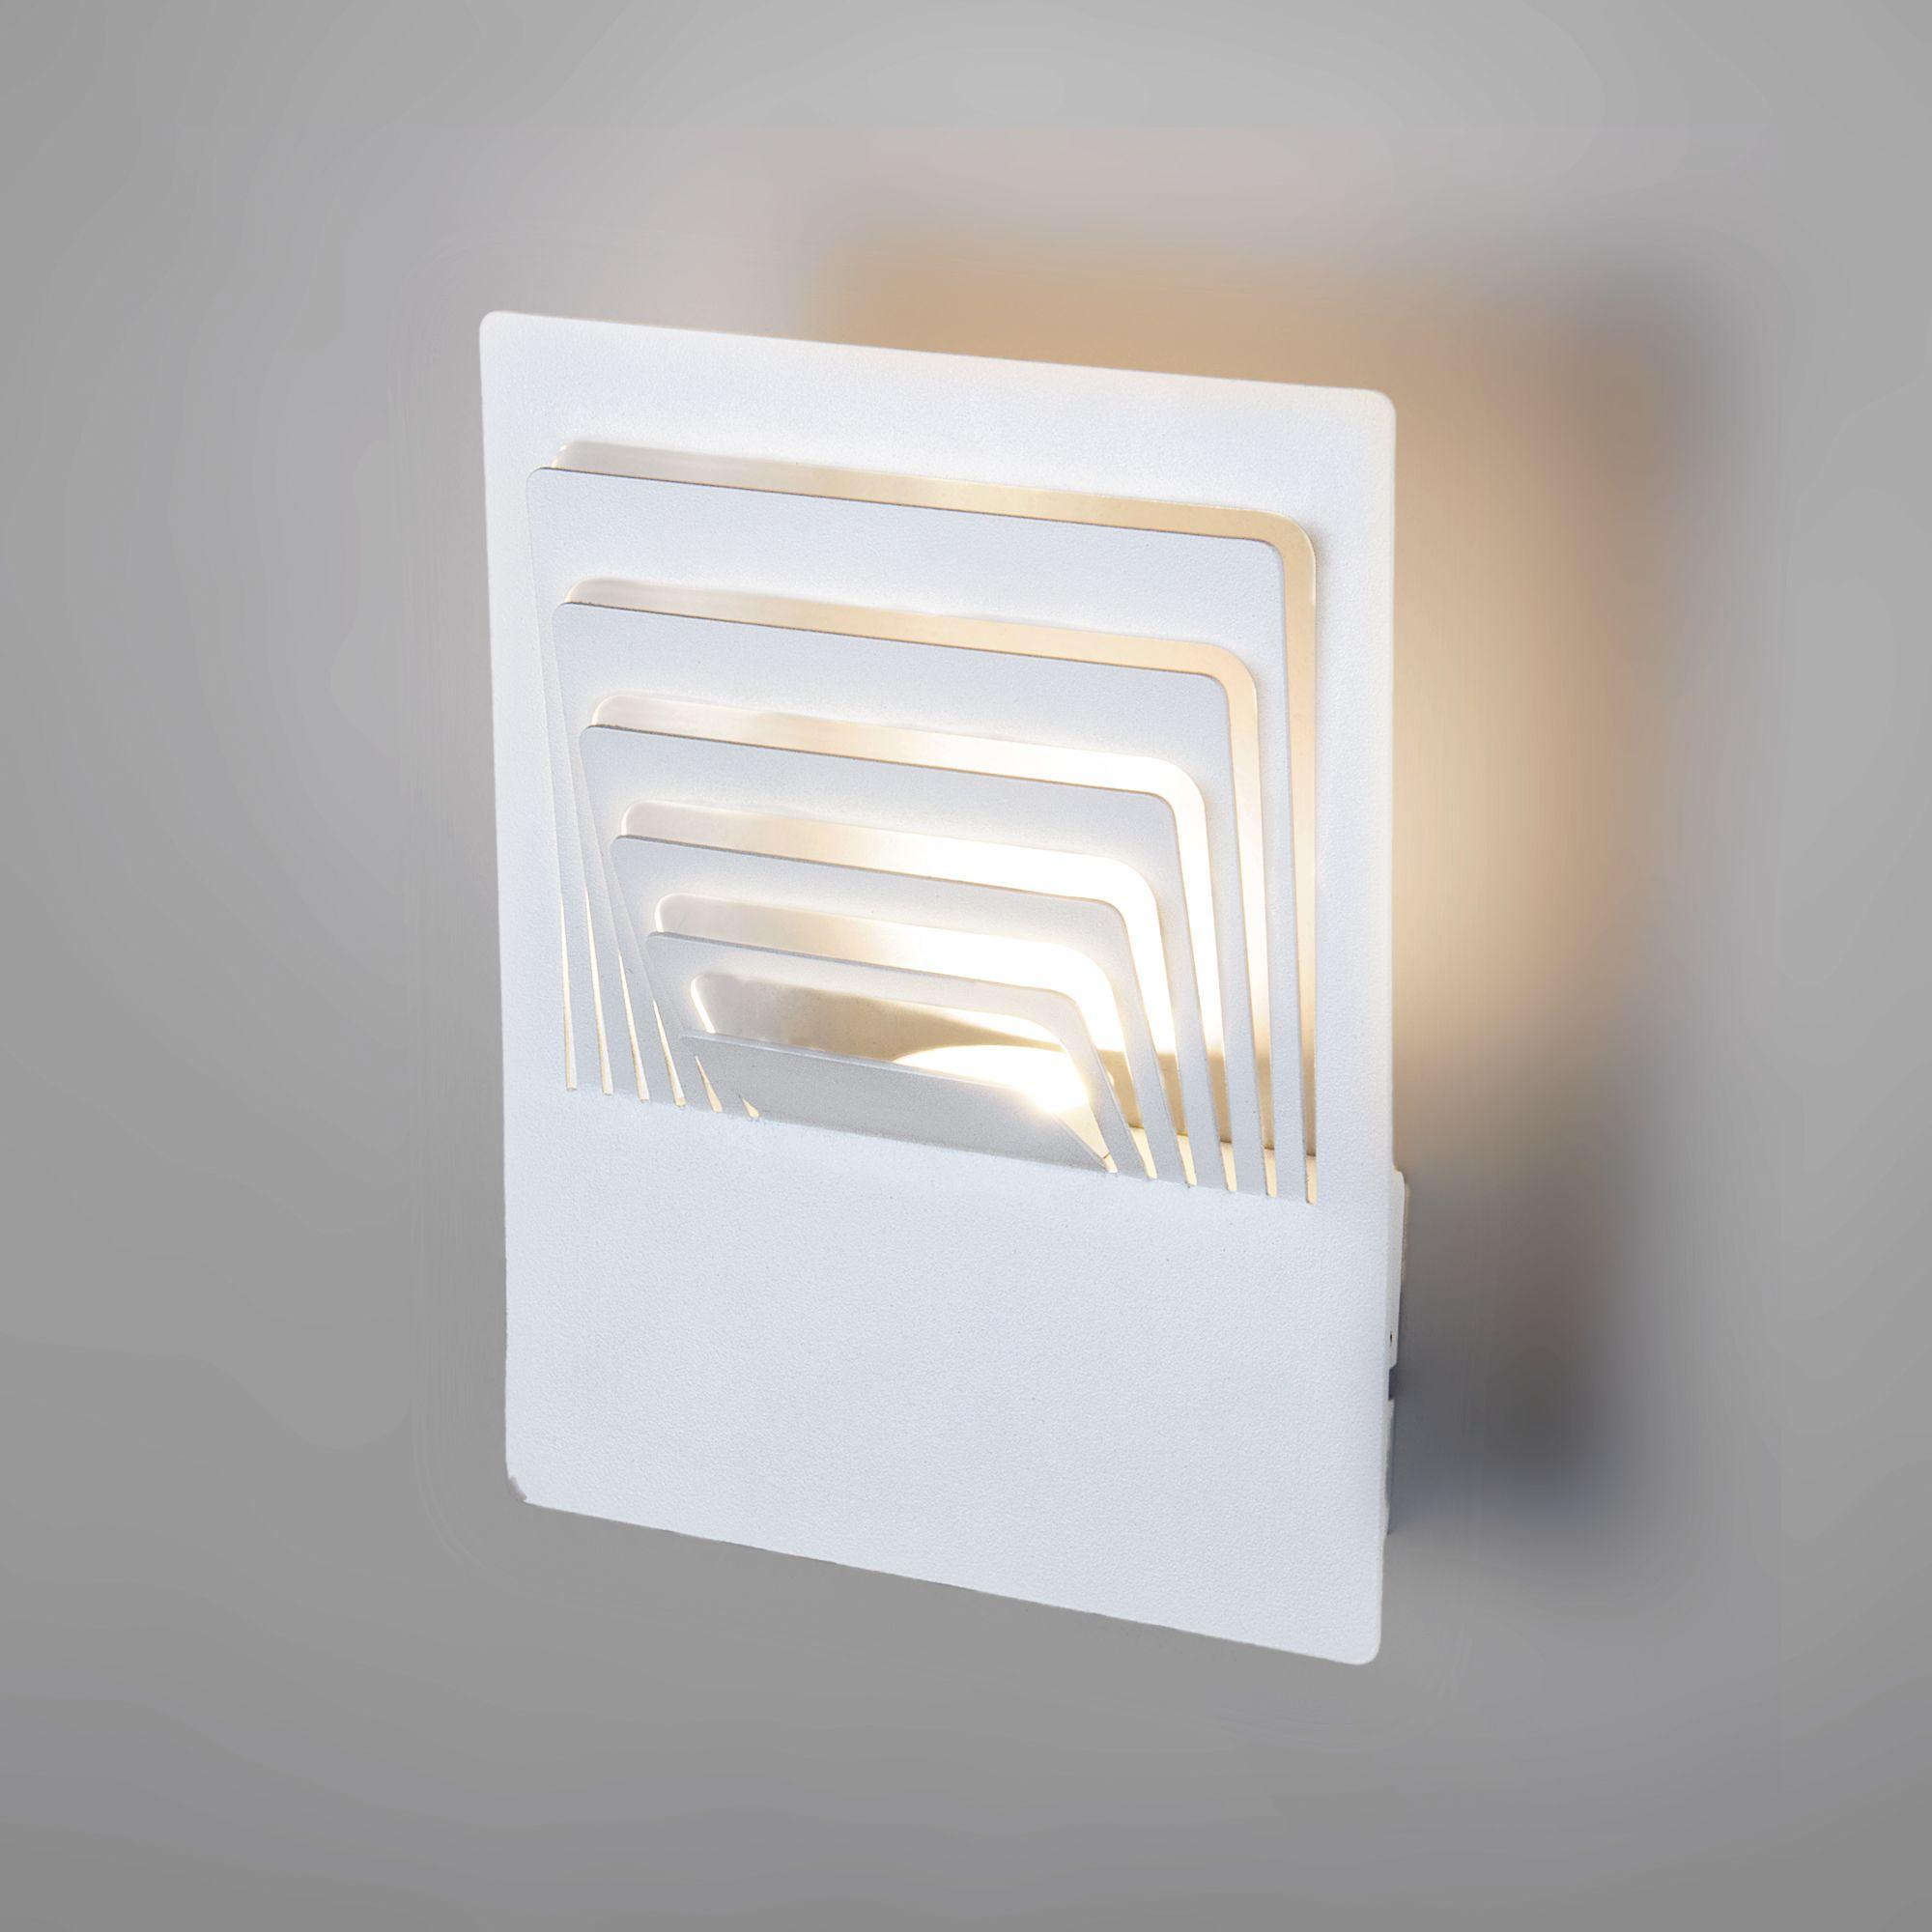 Настенный светодиодный светильник Onda LED MRL LED 1024 белый